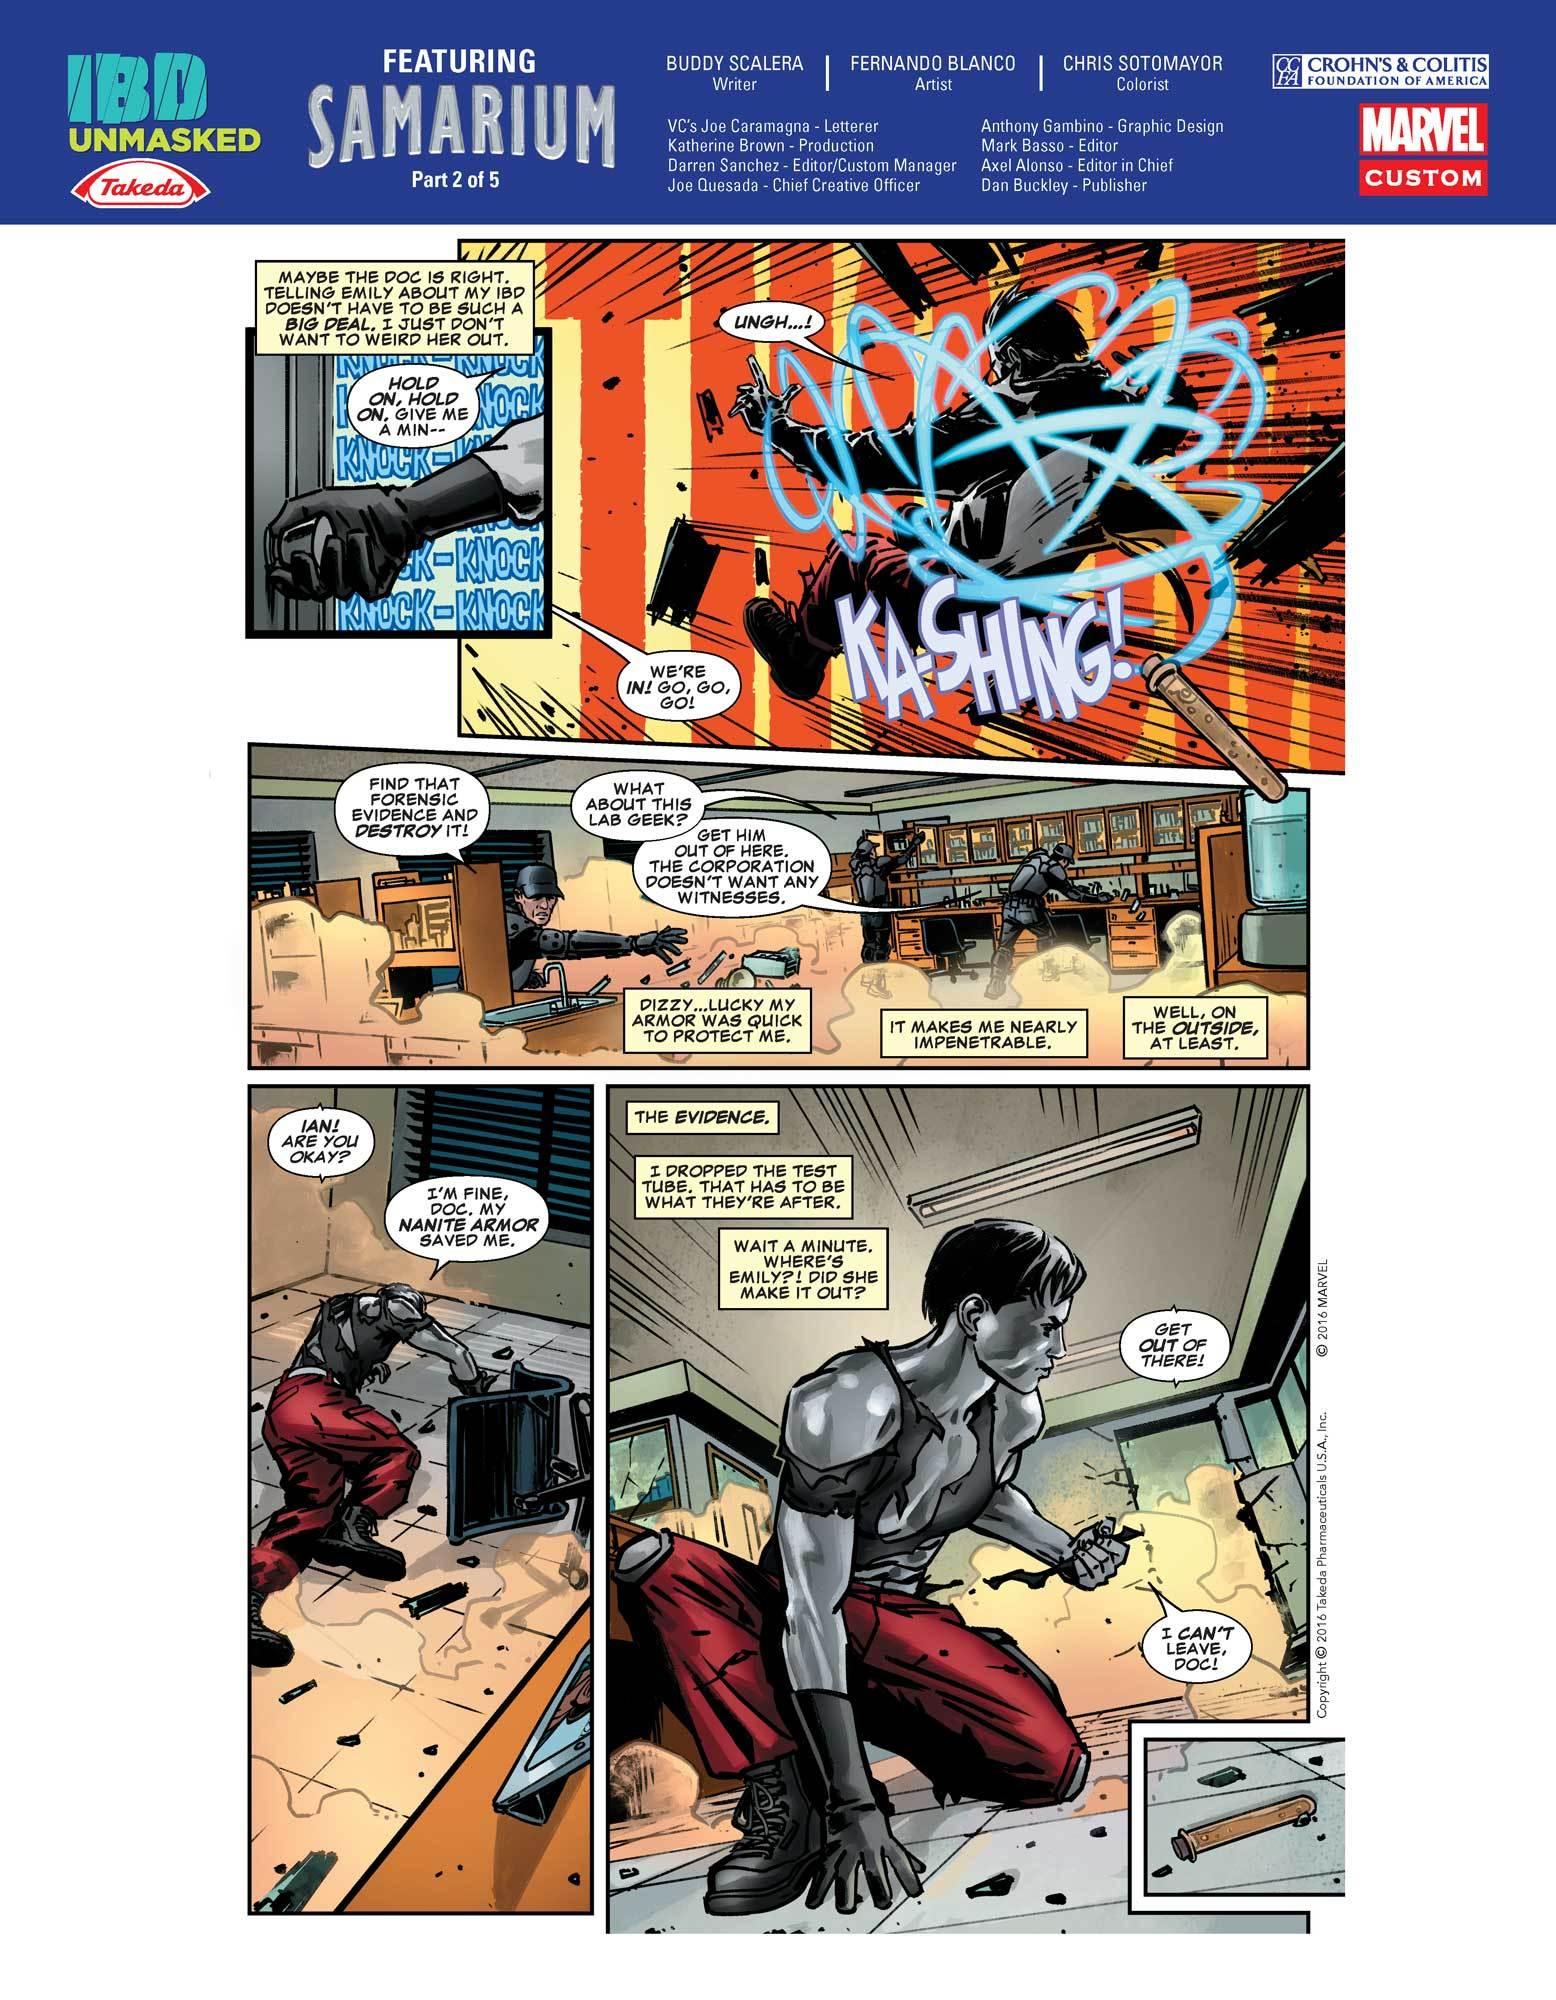 Samarium fights criminals at his laboratory